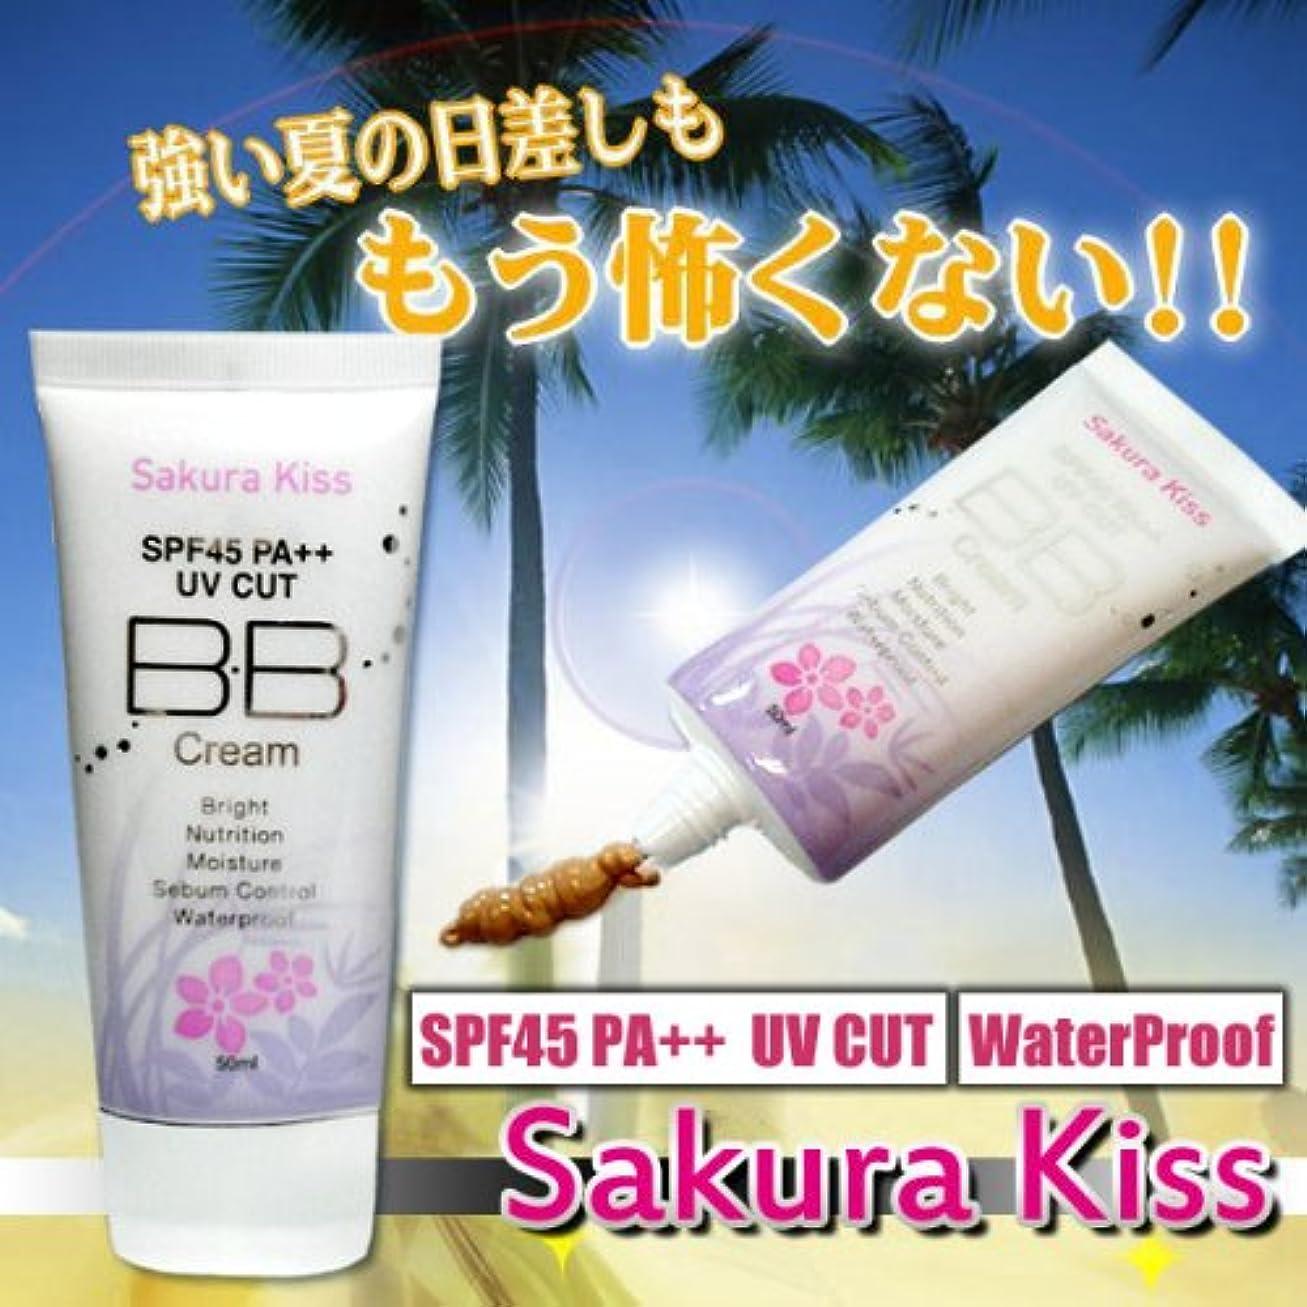 センサーサスティーン集まるSakura Kiss BBクリーム UVプロテクト SPF45PA++ 50ml